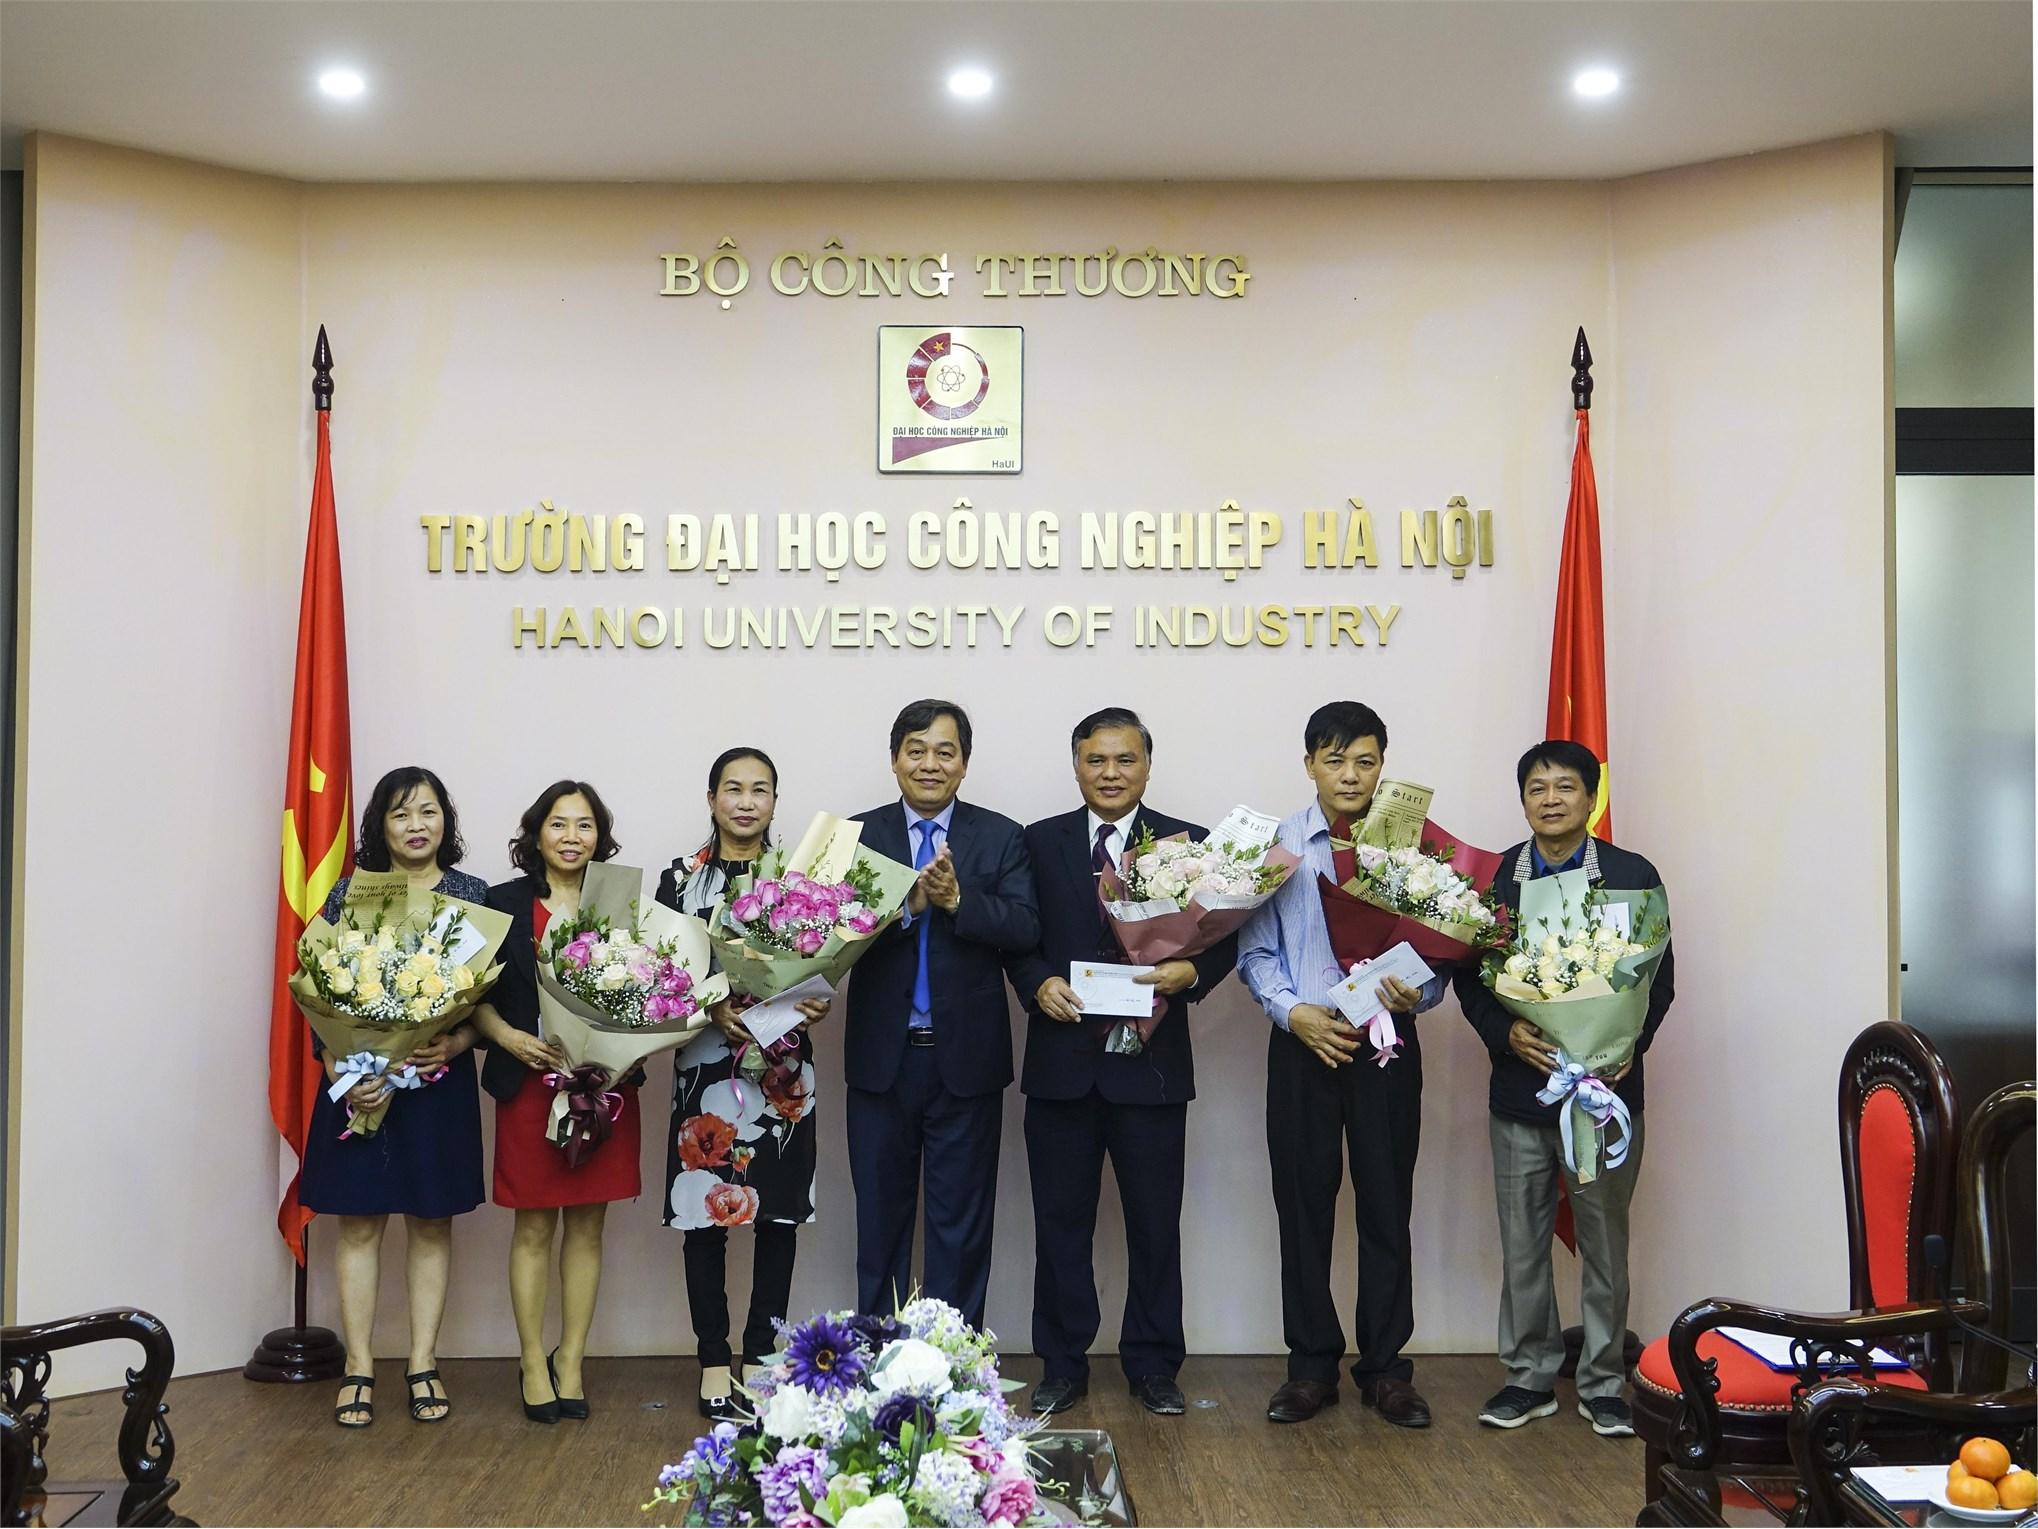 PGS.TS.Trần Đức Quý – Bí thư Đảng ủy, Hiệu trưởng nhà trường tặng hoa cho 6 viên chức nghỉ hưu năm 2019